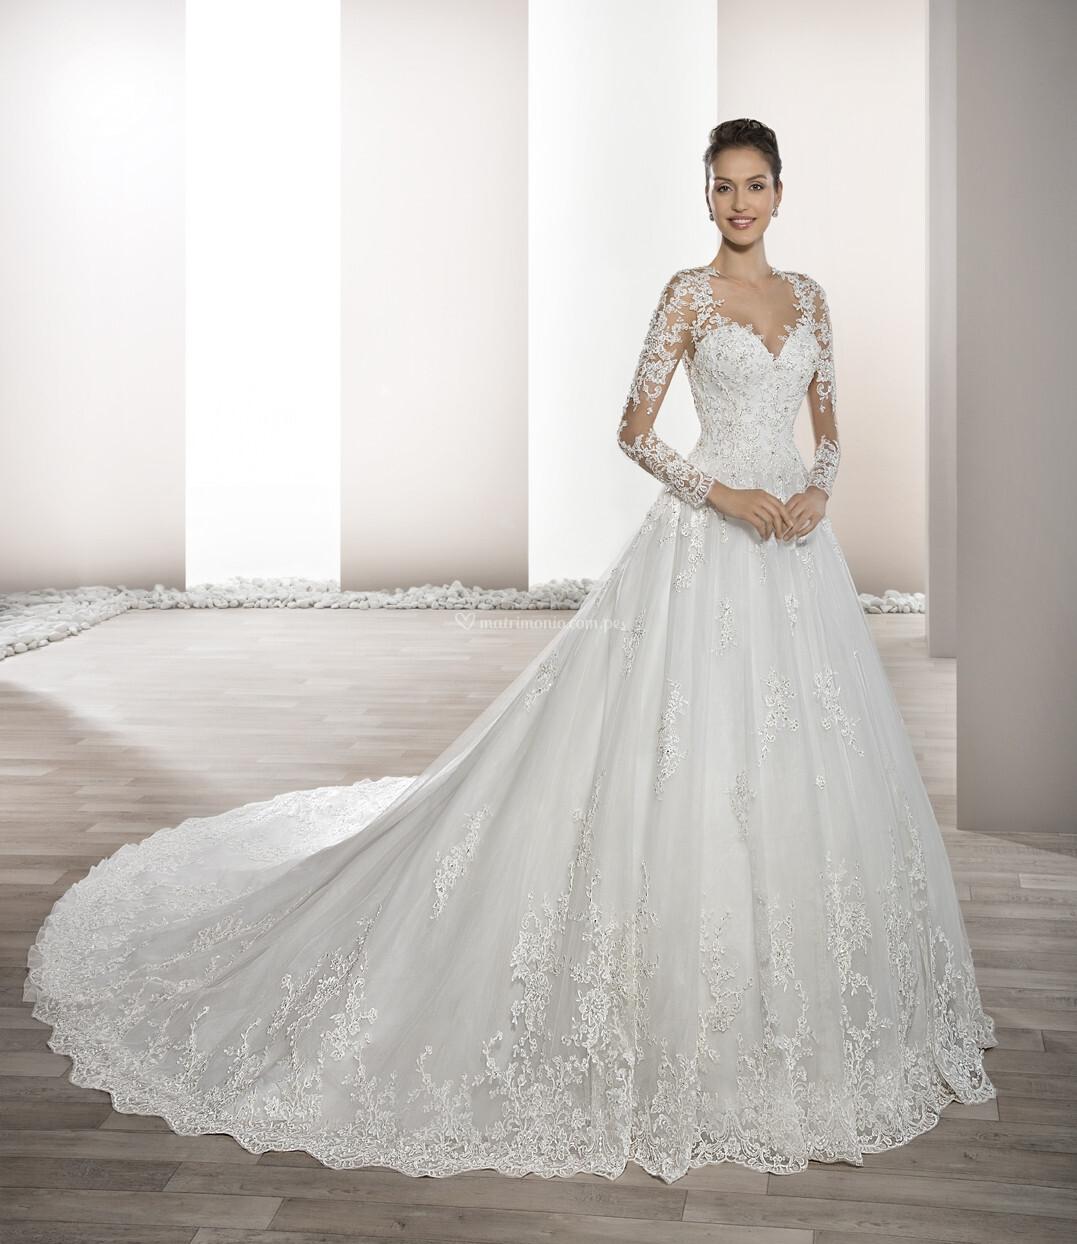 93bfb258c Vestidos de Novia - 2018 - Matrimonio.com.pe